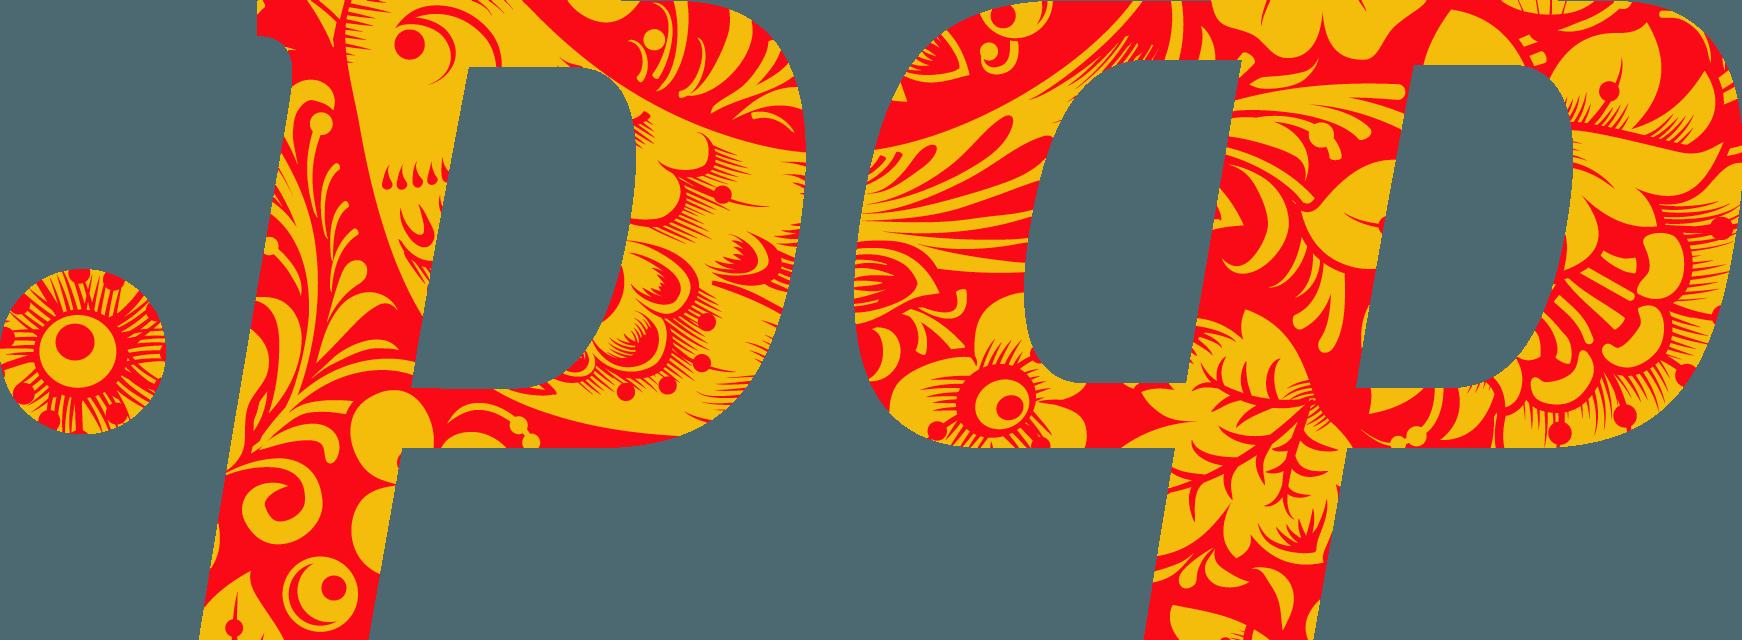 логотип рф: